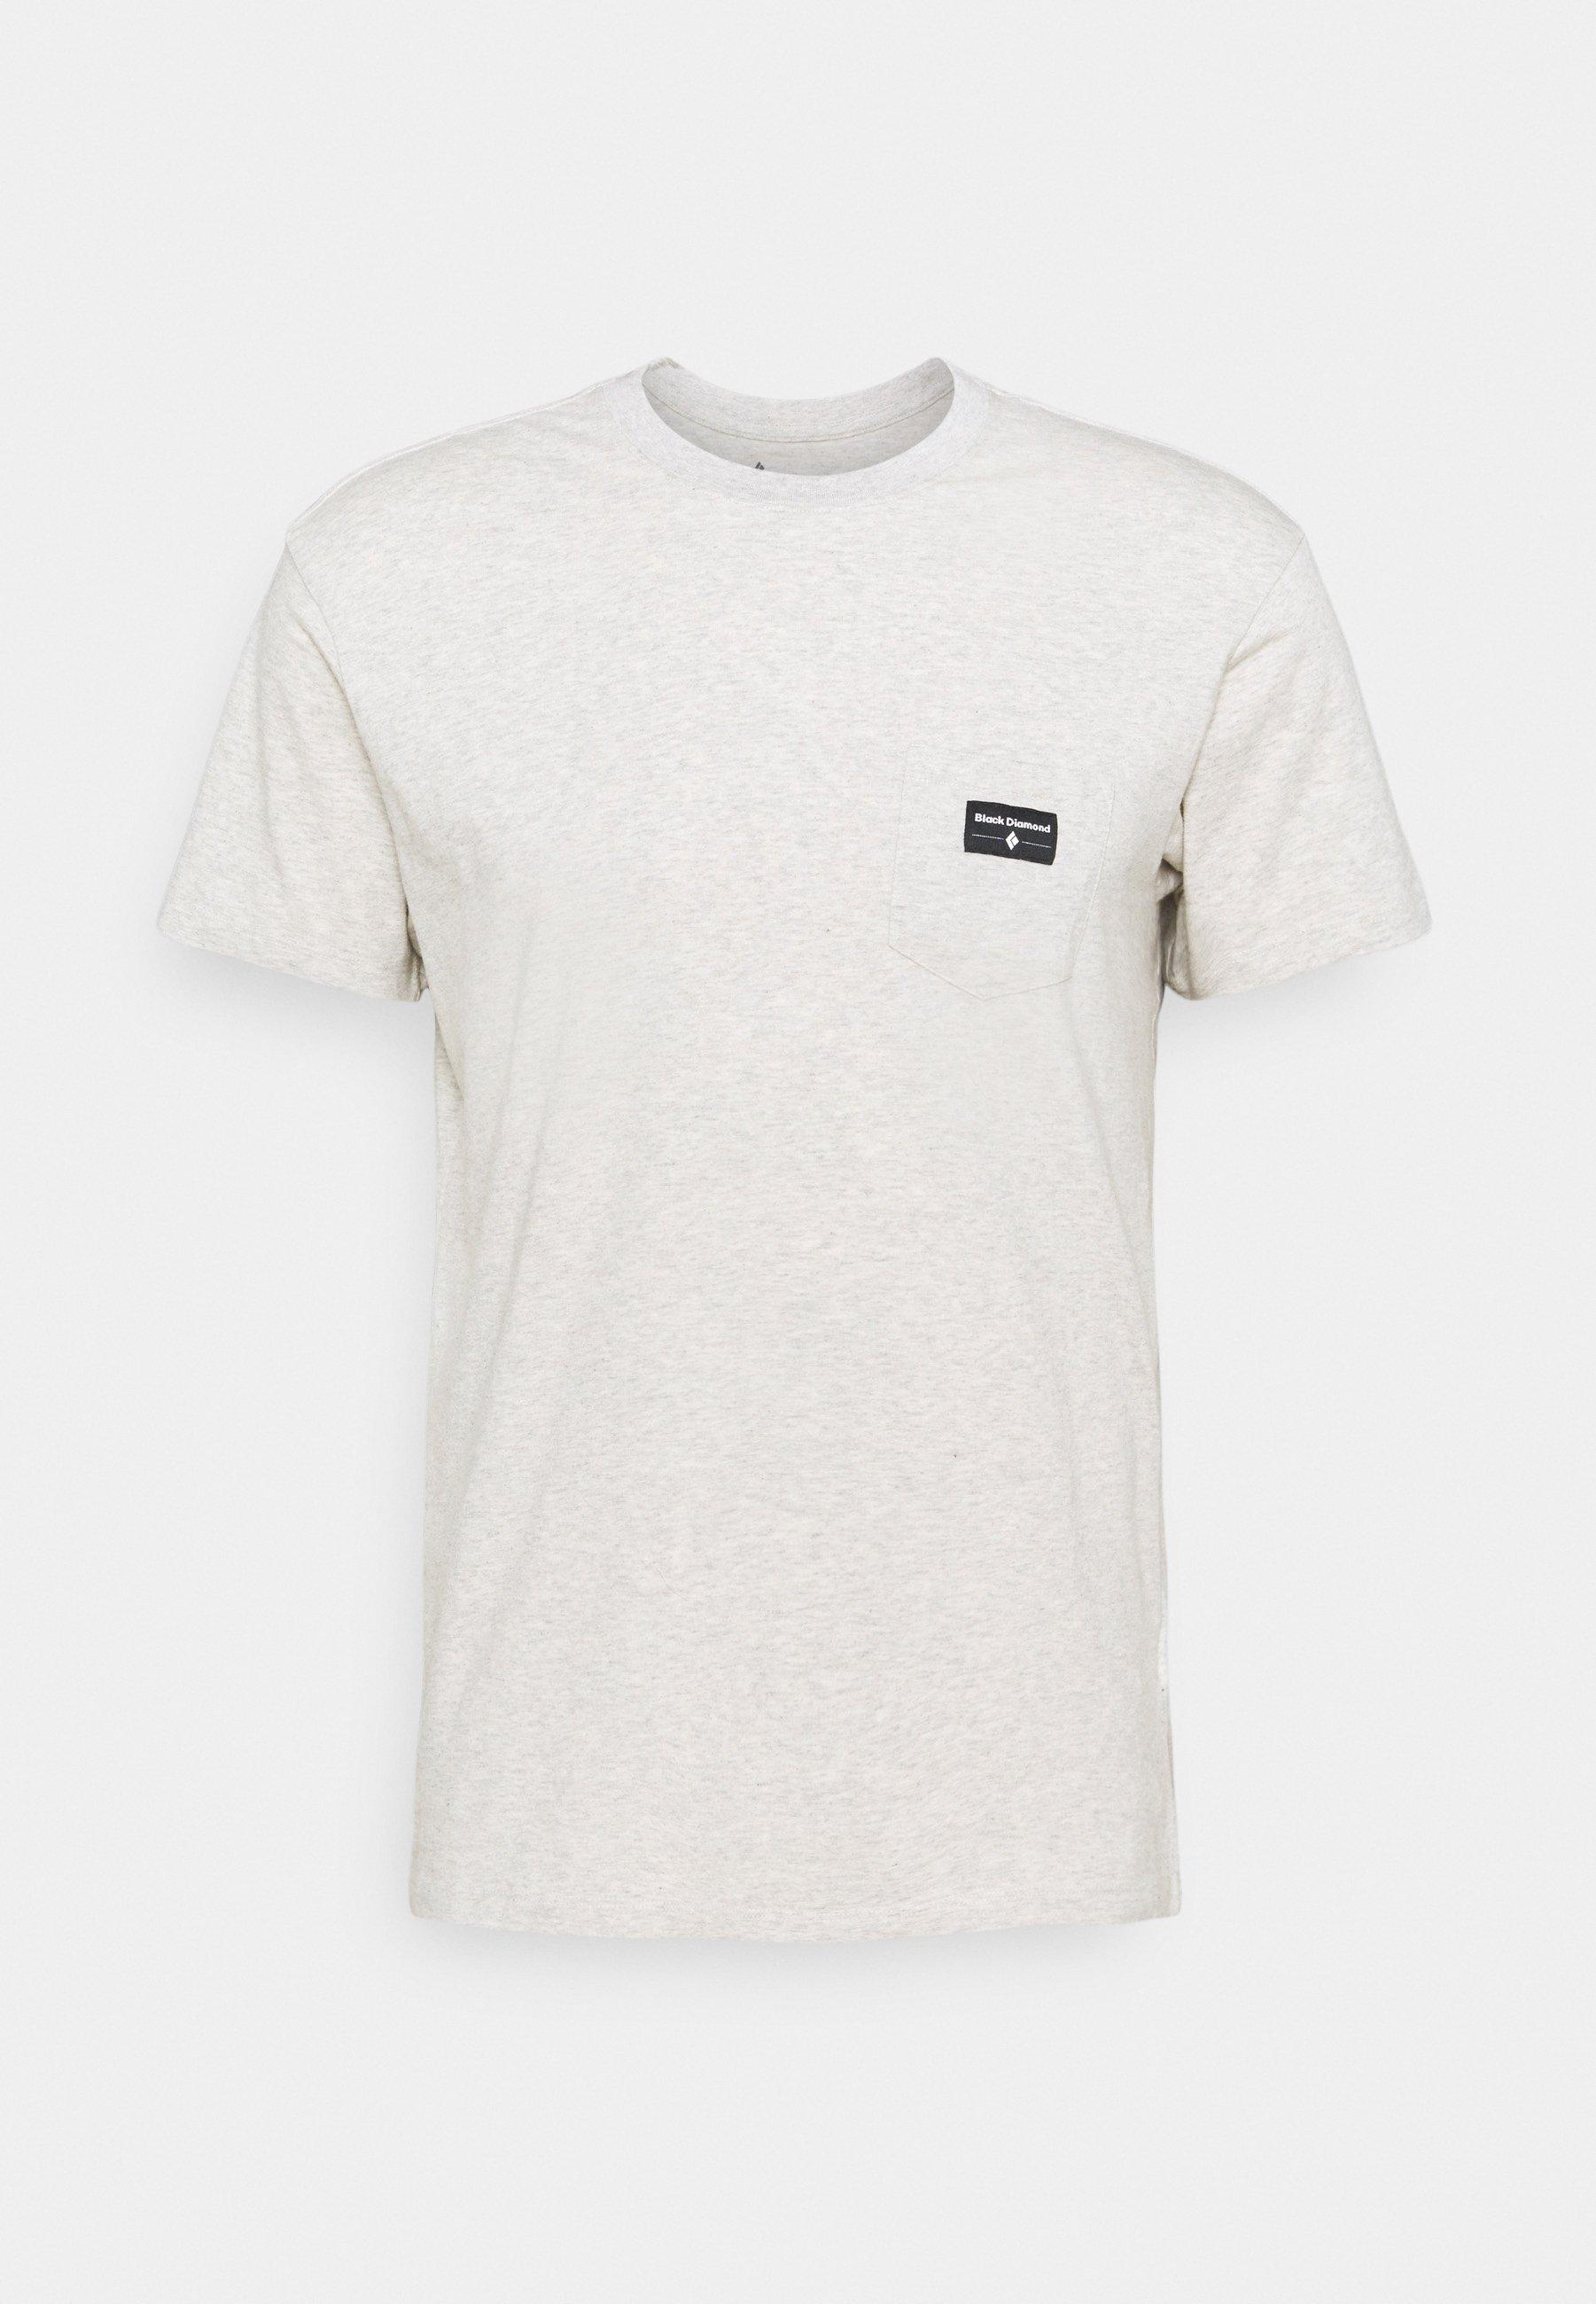 Men POCKET LABEL TEE - Basic T-shirt